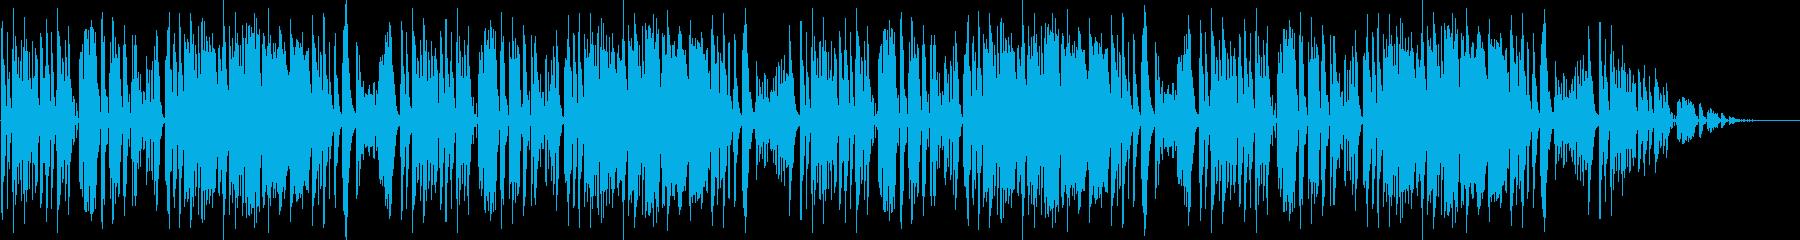 とぼけた感じで楽しそうなほのぼのBGMの再生済みの波形